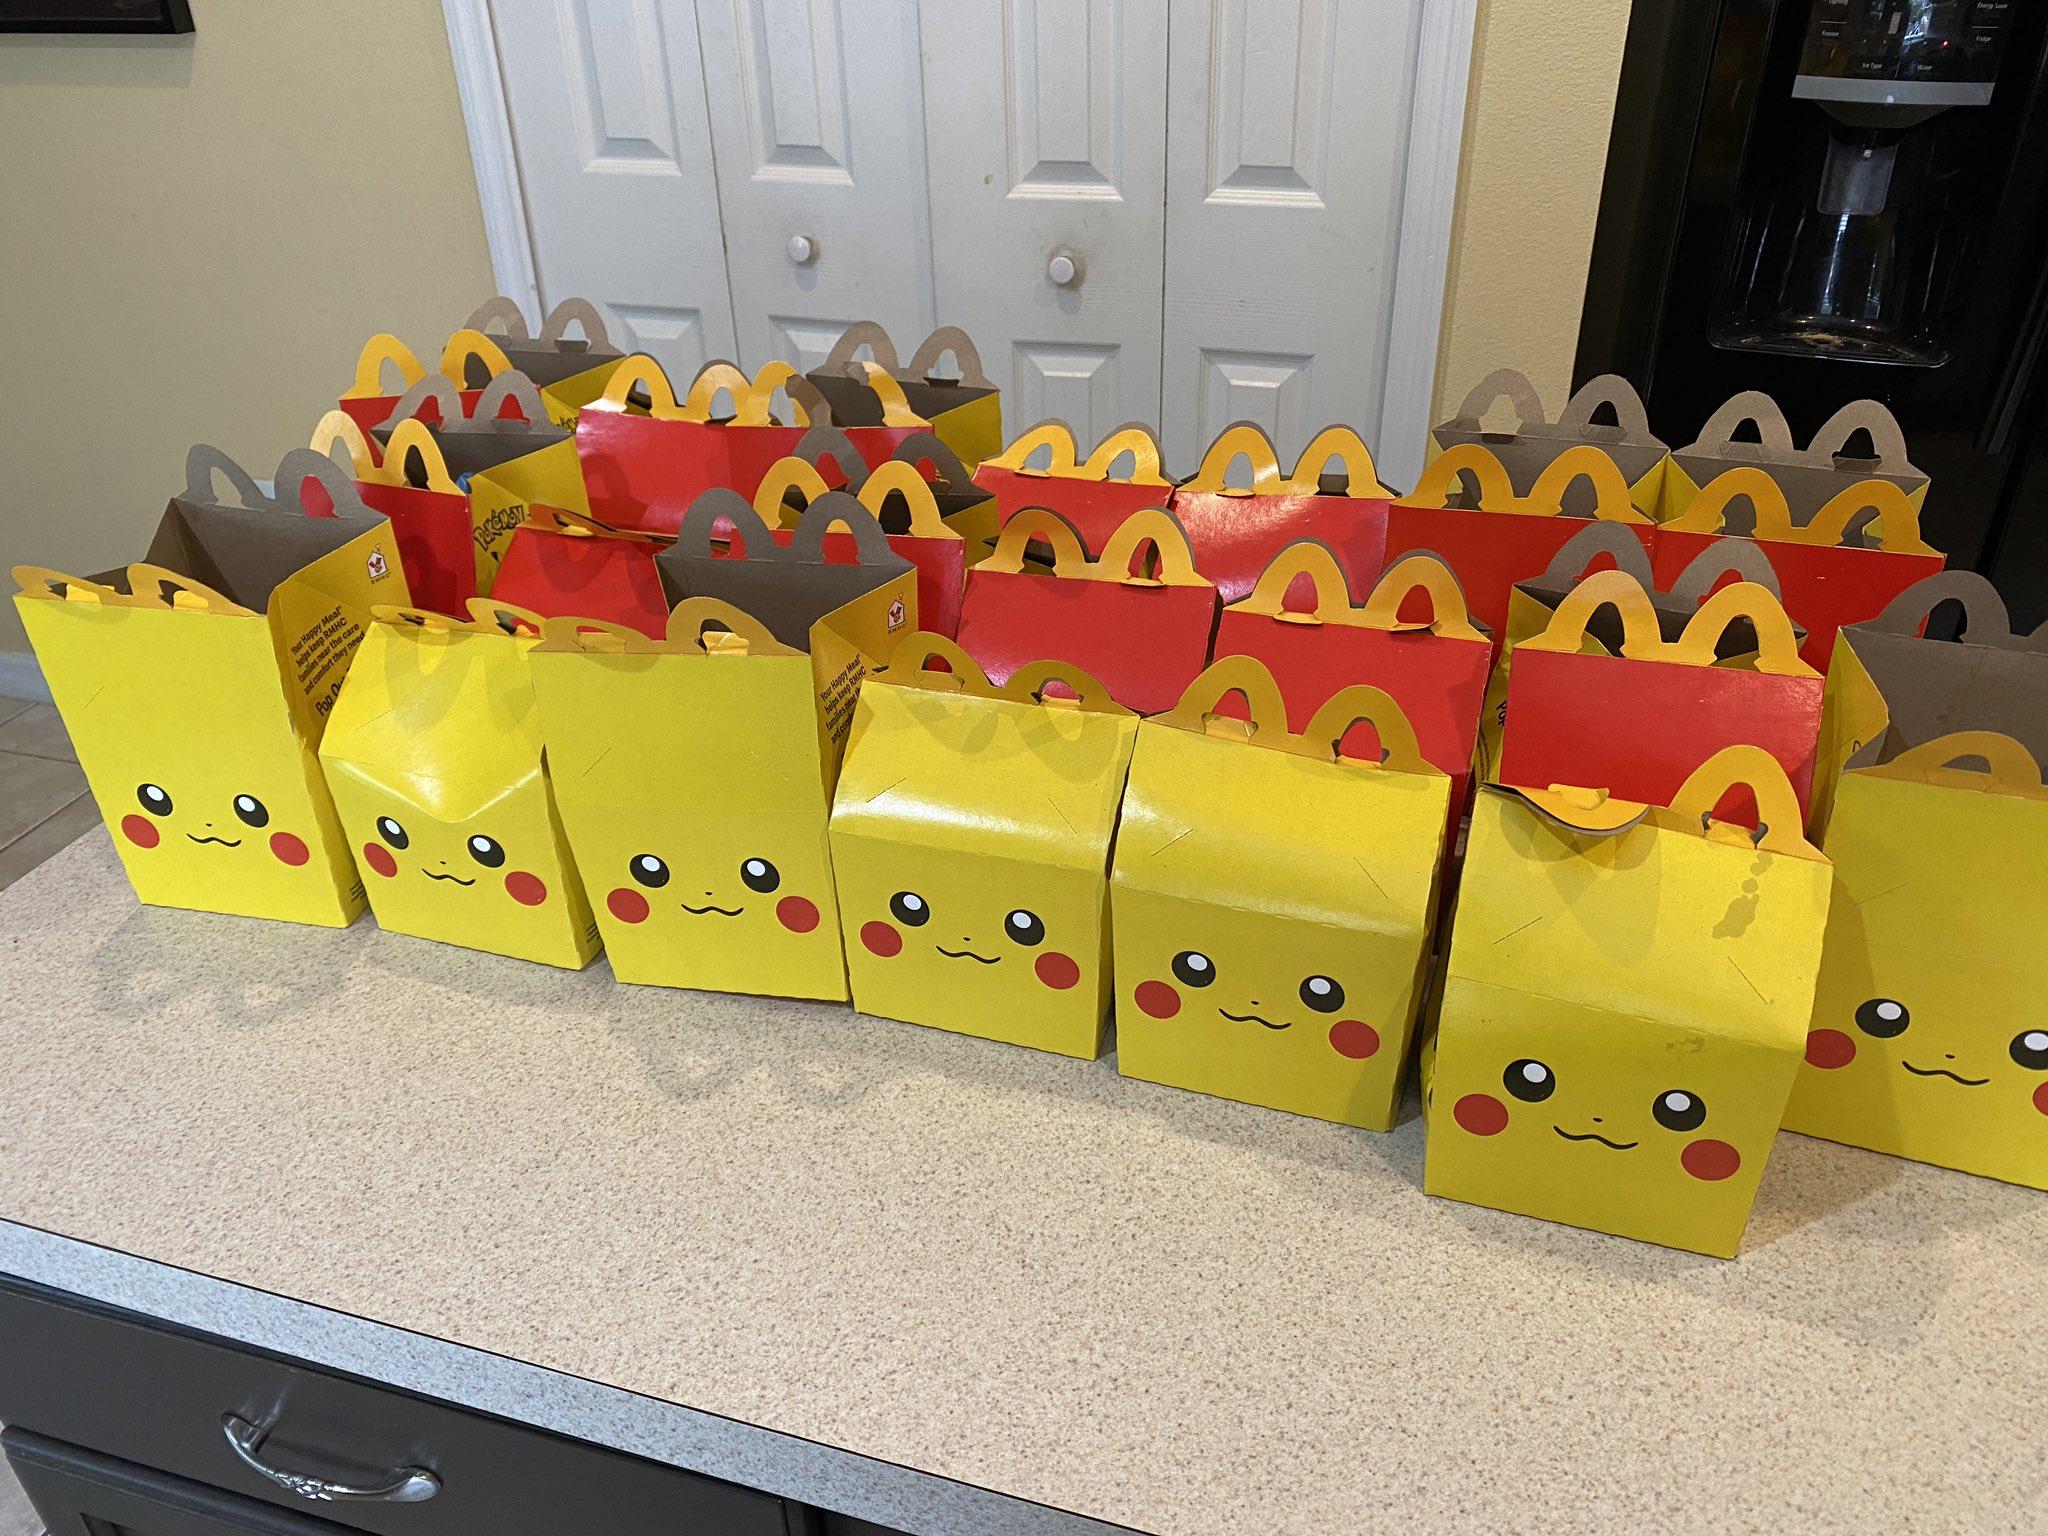 因美国二手宝可梦卡贩卖猖獗 英国麦当劳宝可梦欢乐套餐限售